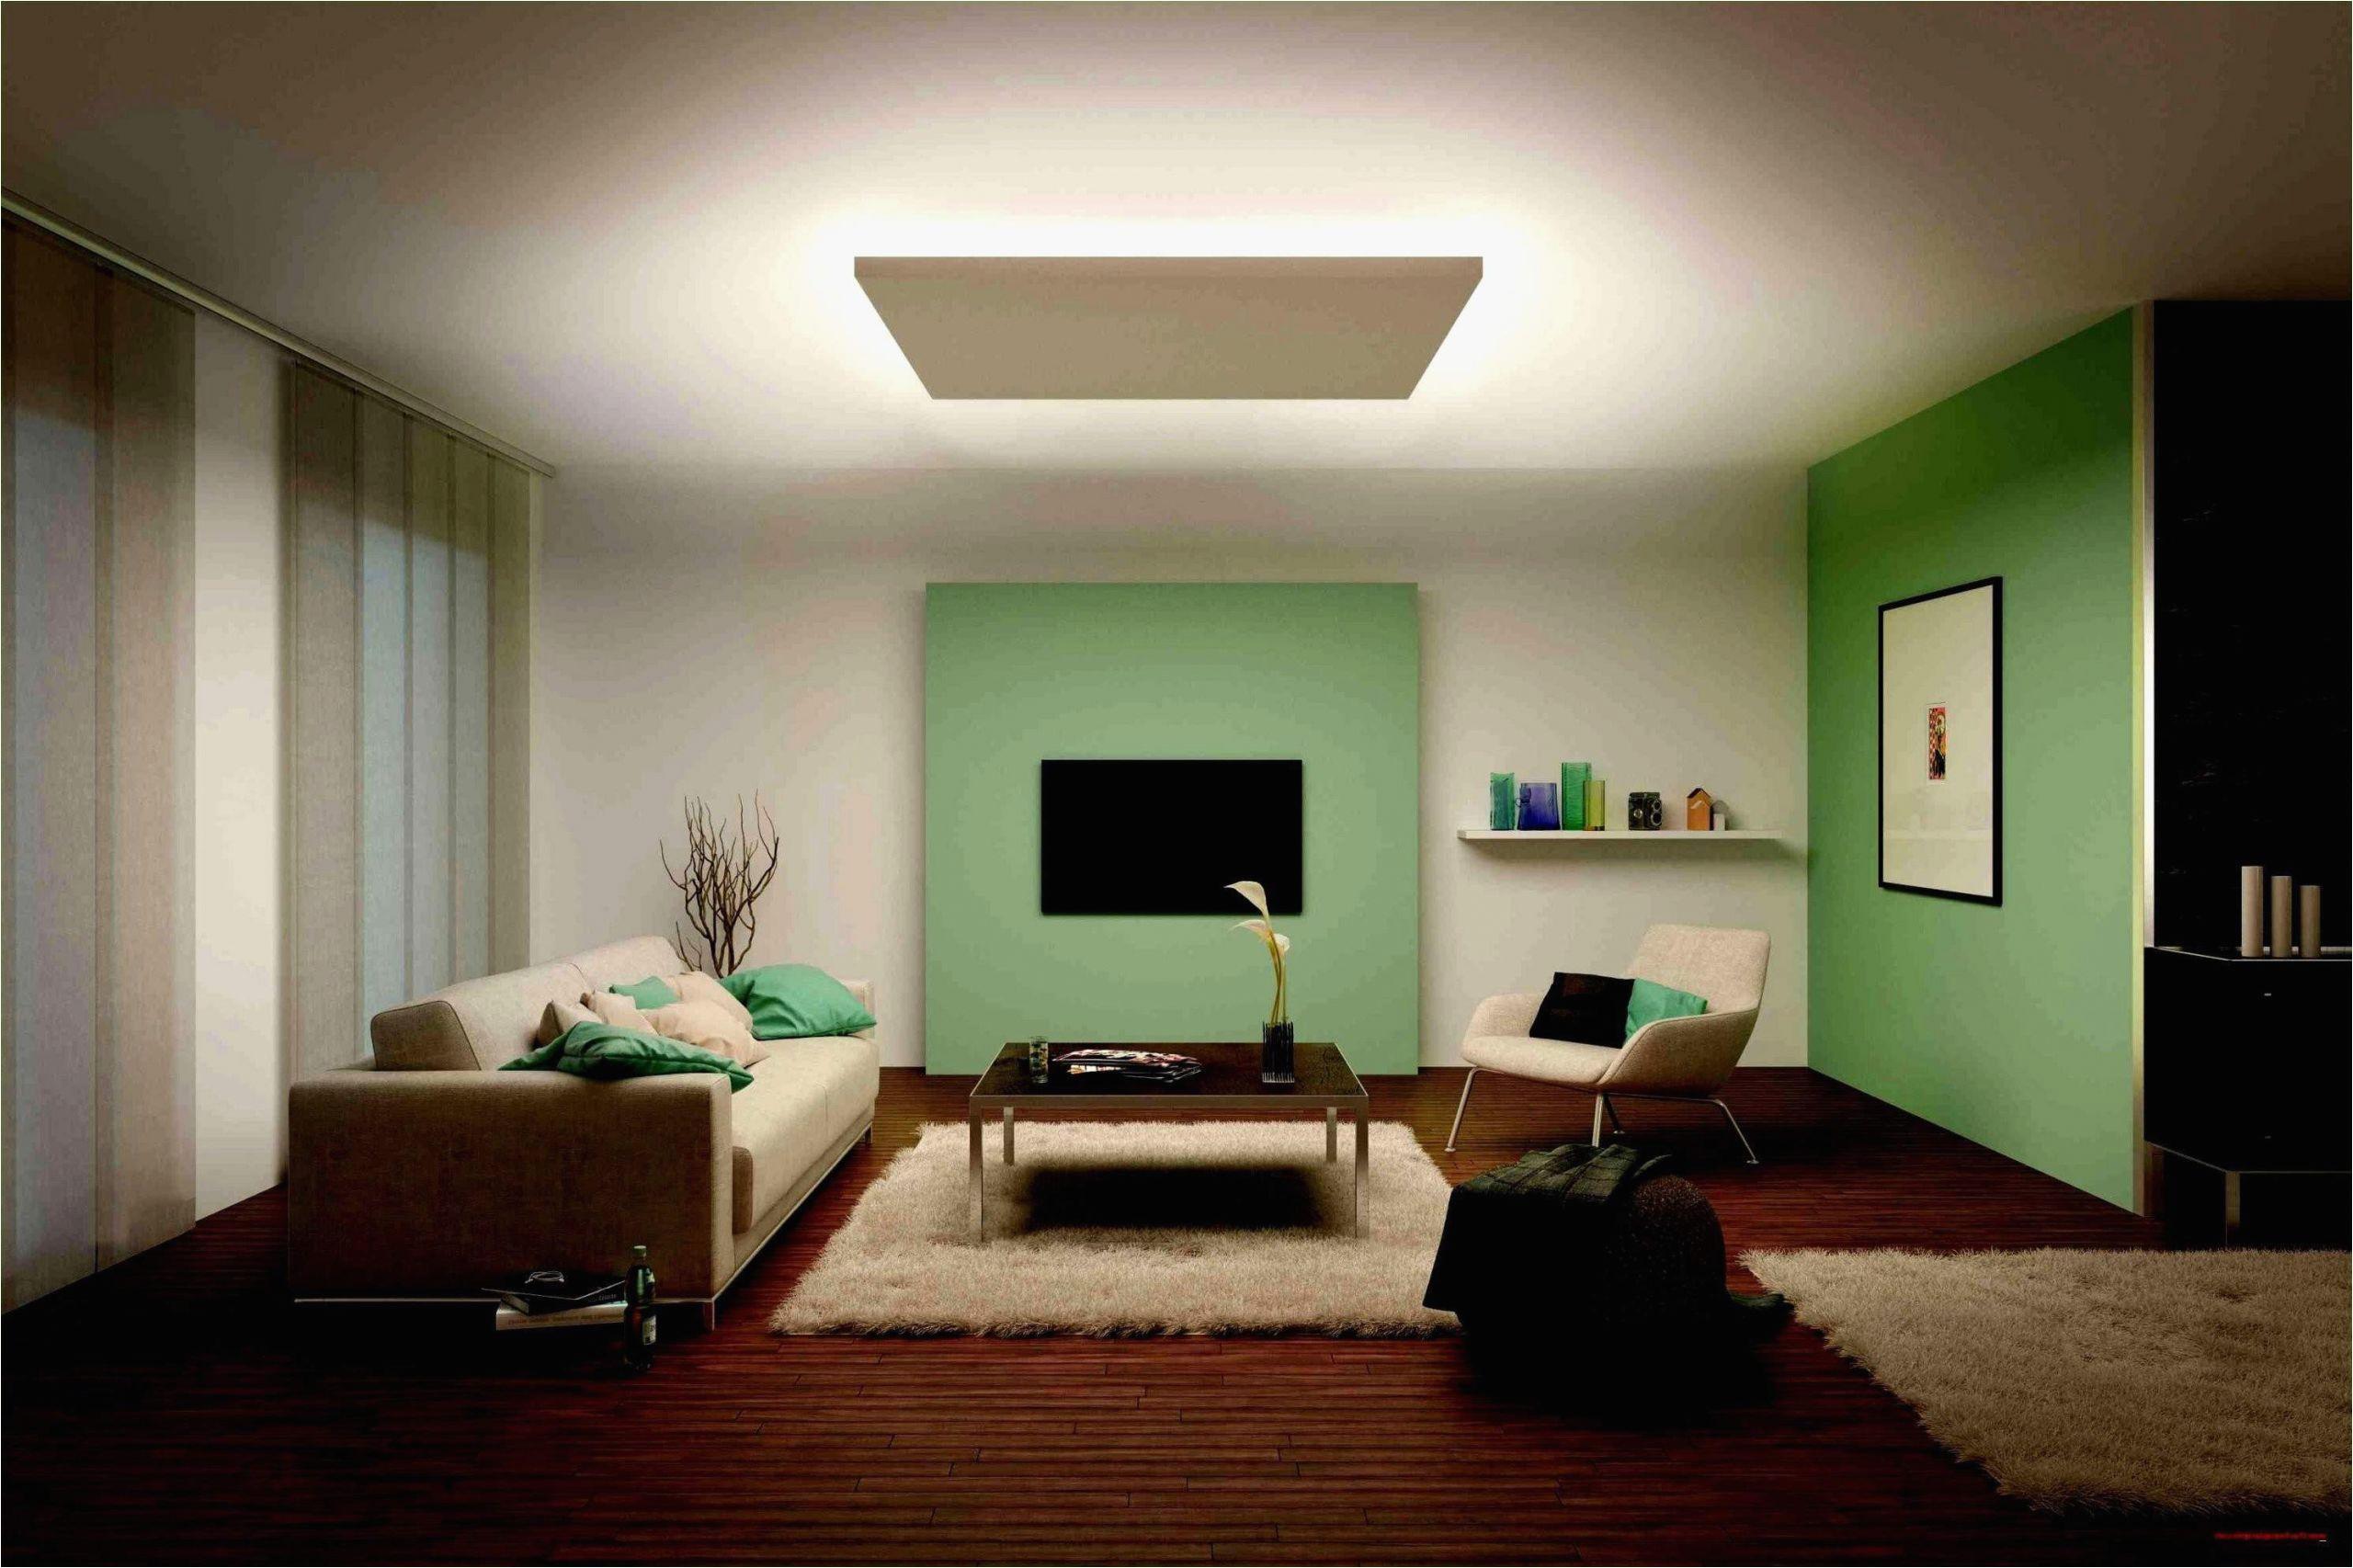 paletten sofa wohnzimmer genial wohnzimmer einzigartig deckenlampe wohnzimmer 0d of paletten sofa wohnzimmer scaled